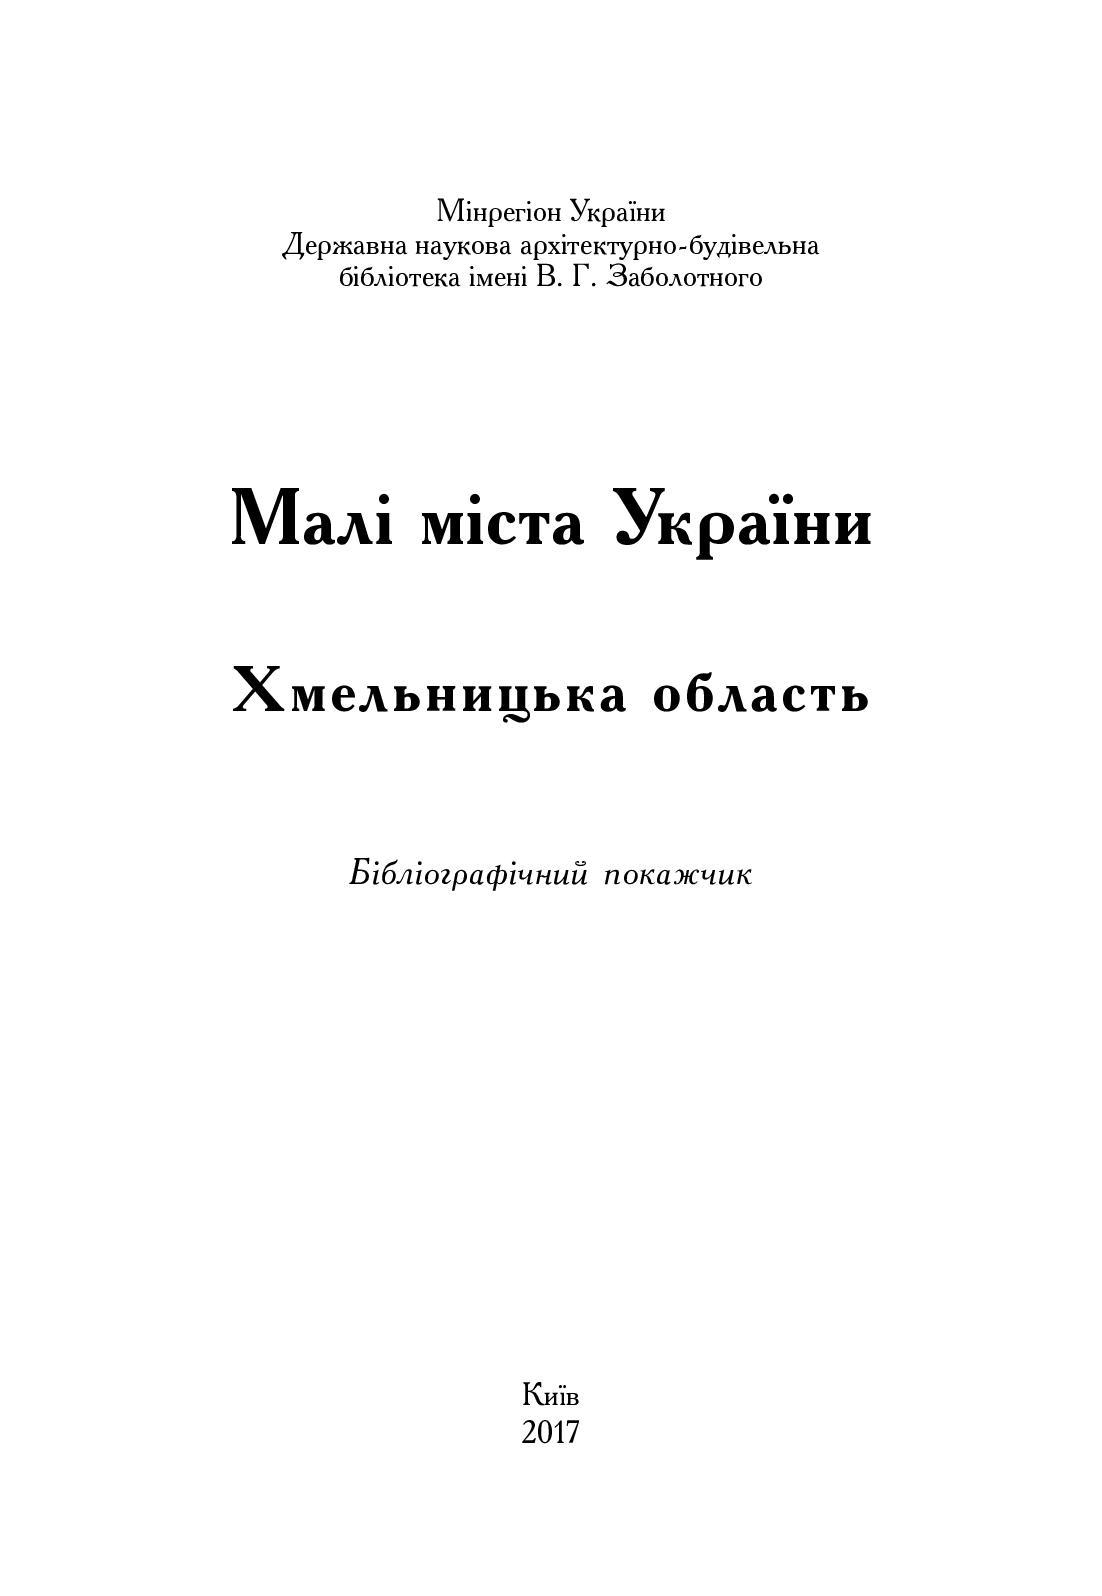 Хмельницька область 25 10 2017